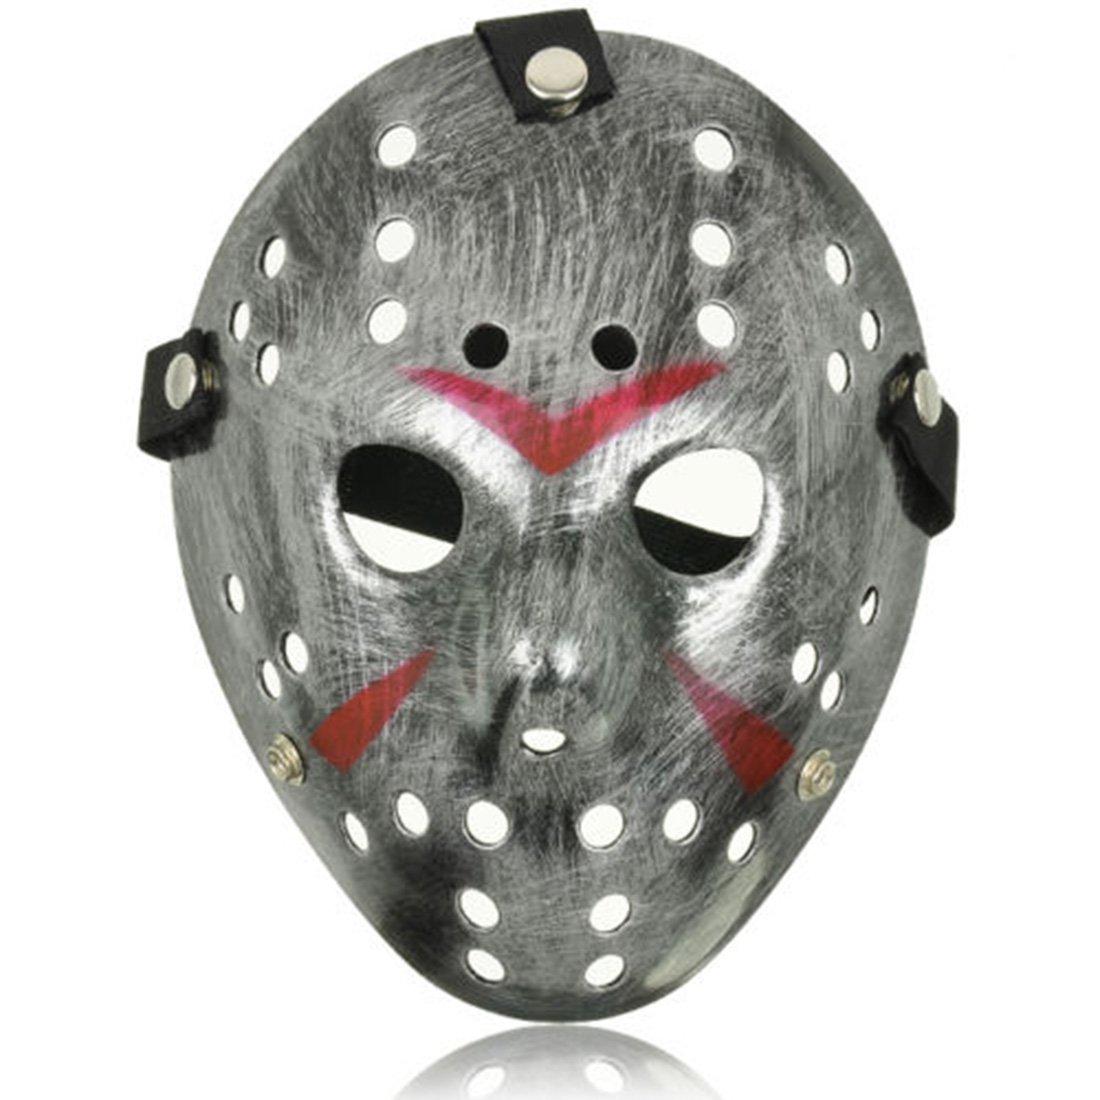 Ultra plata color disfraces de fantasía de hockey máscaras adultos PVC calidad máscara con elástico correa